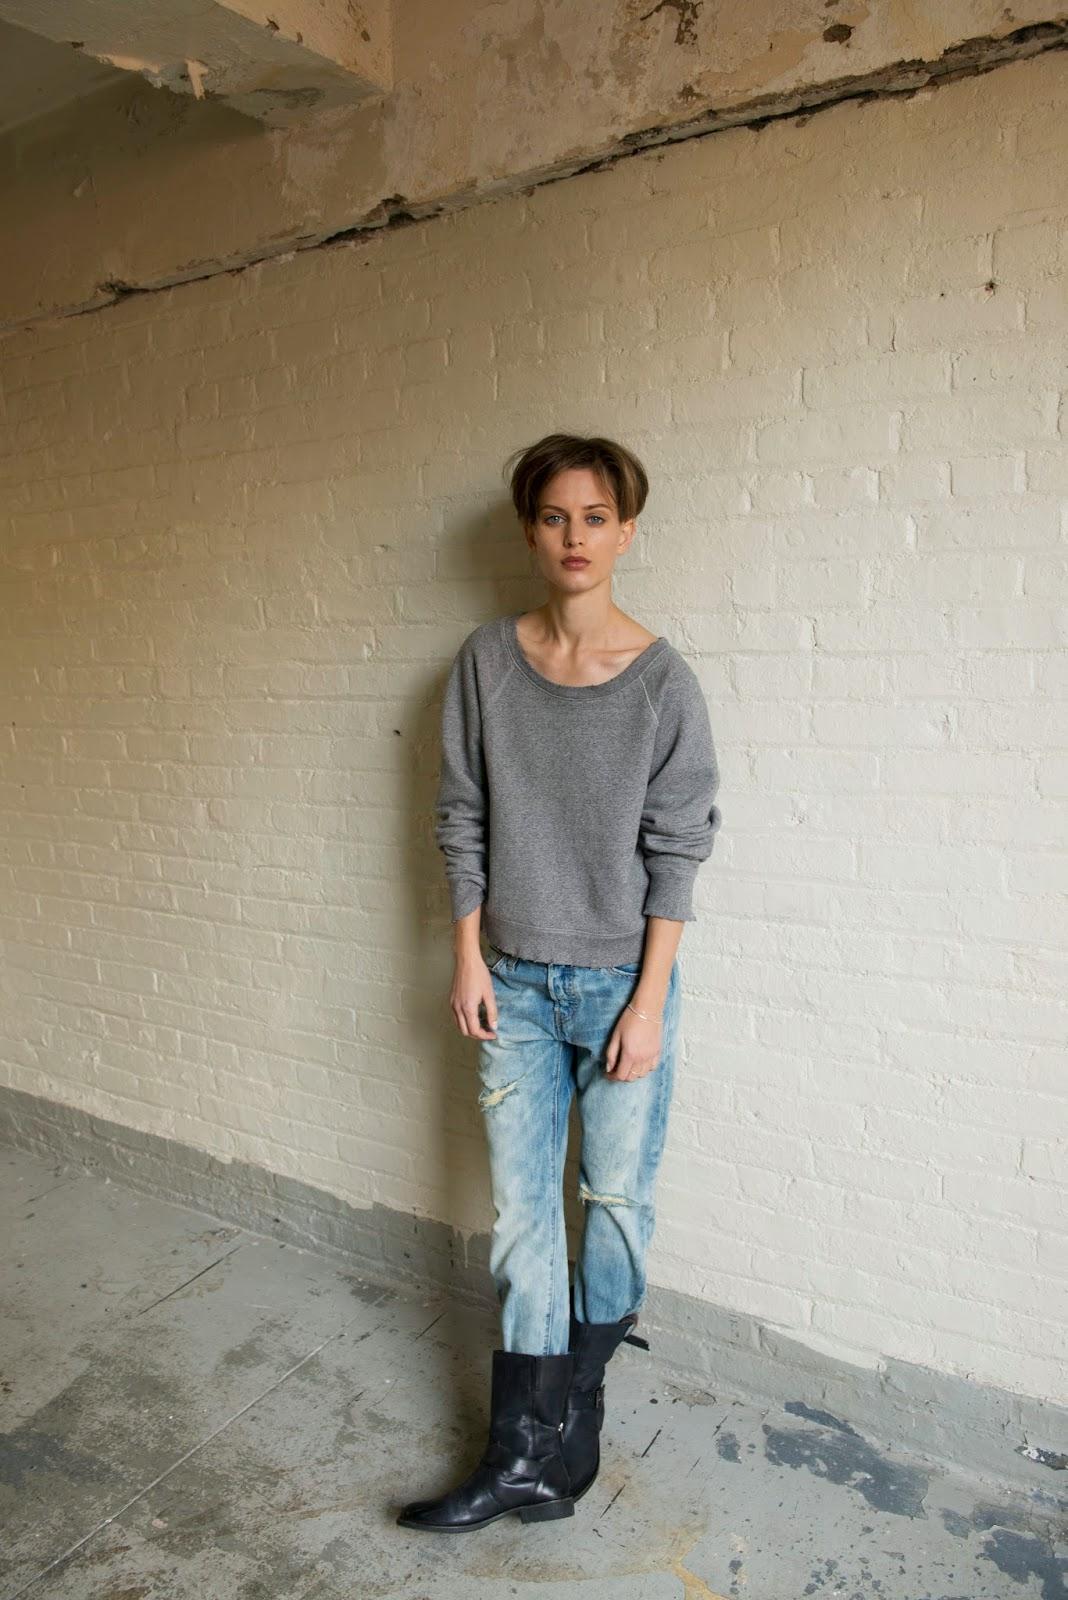 Levi's Revel, Levis, jeans, Fall 2014, be divinity, blogger, 501, High-Rise Skinny, footwear, calzado, sportwear, womenswear, women, moda mujer, mujer,